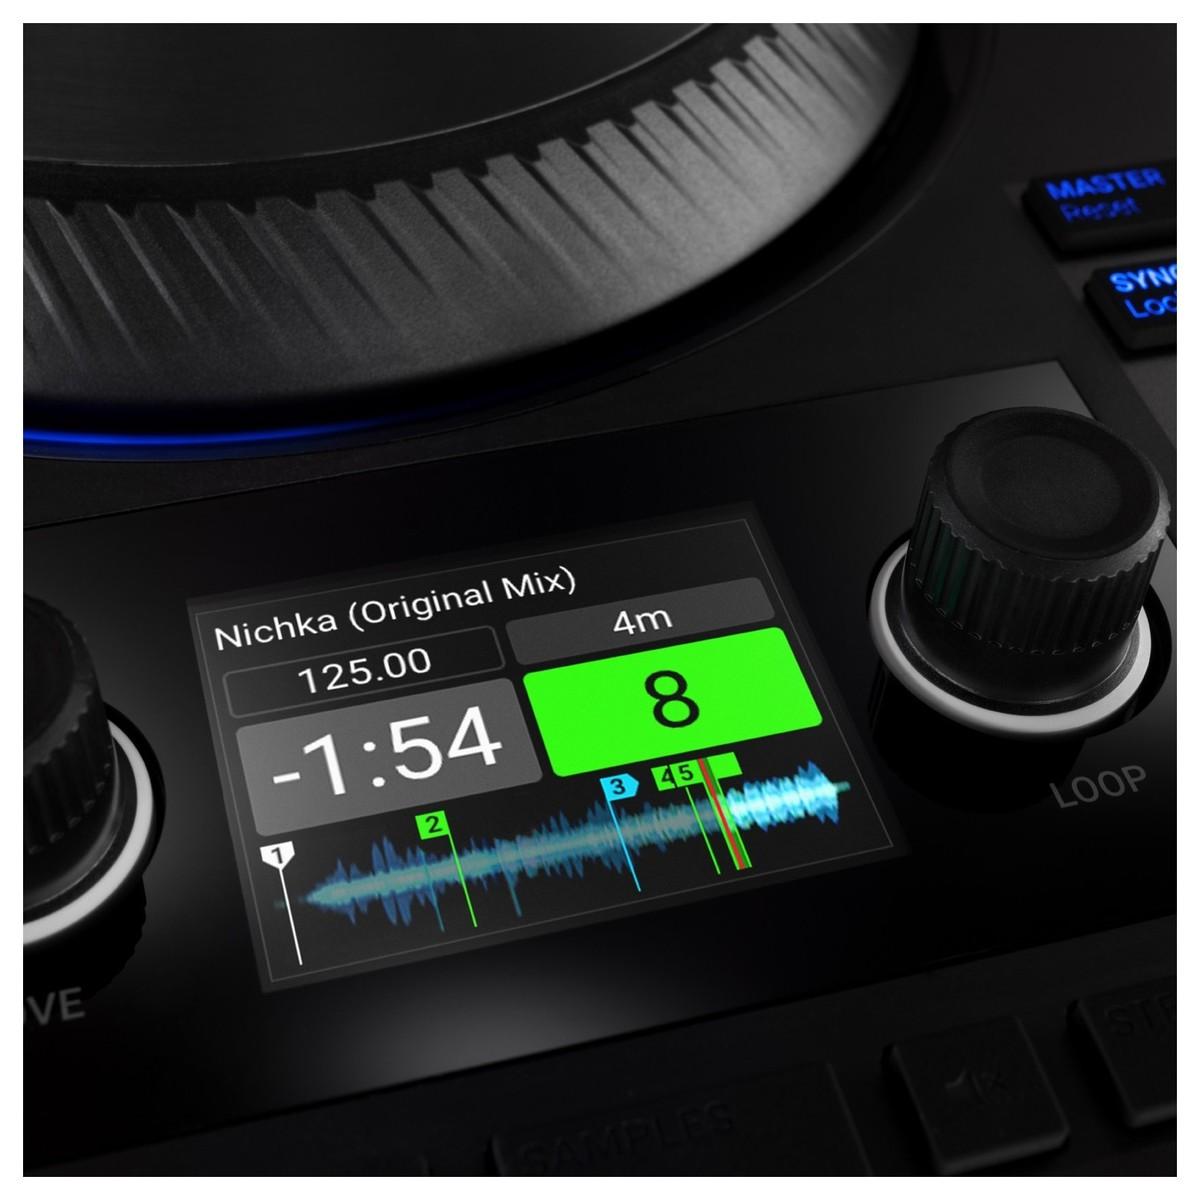 NATIVE INSTRUMENTS TRAKTOR KONTROL S4 MKIII CONTROLLER DJ MIDI MK3 4 CANALI 24 BIT 96KHZ 7